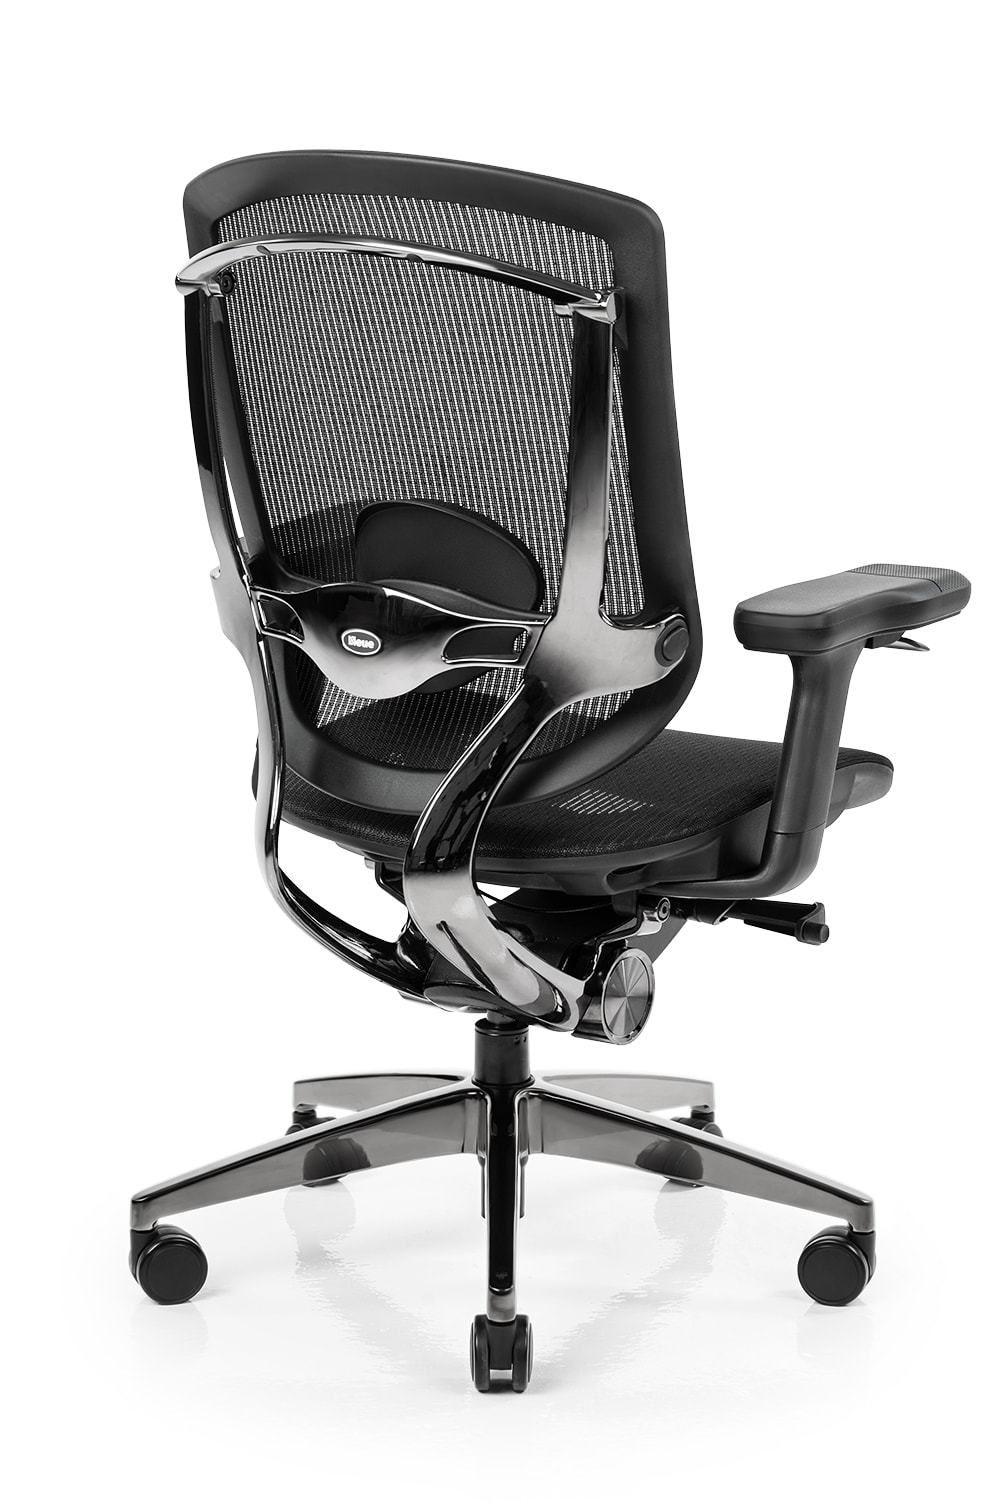 NeueChair™ Ergonomic office chair, Best ergonomic office